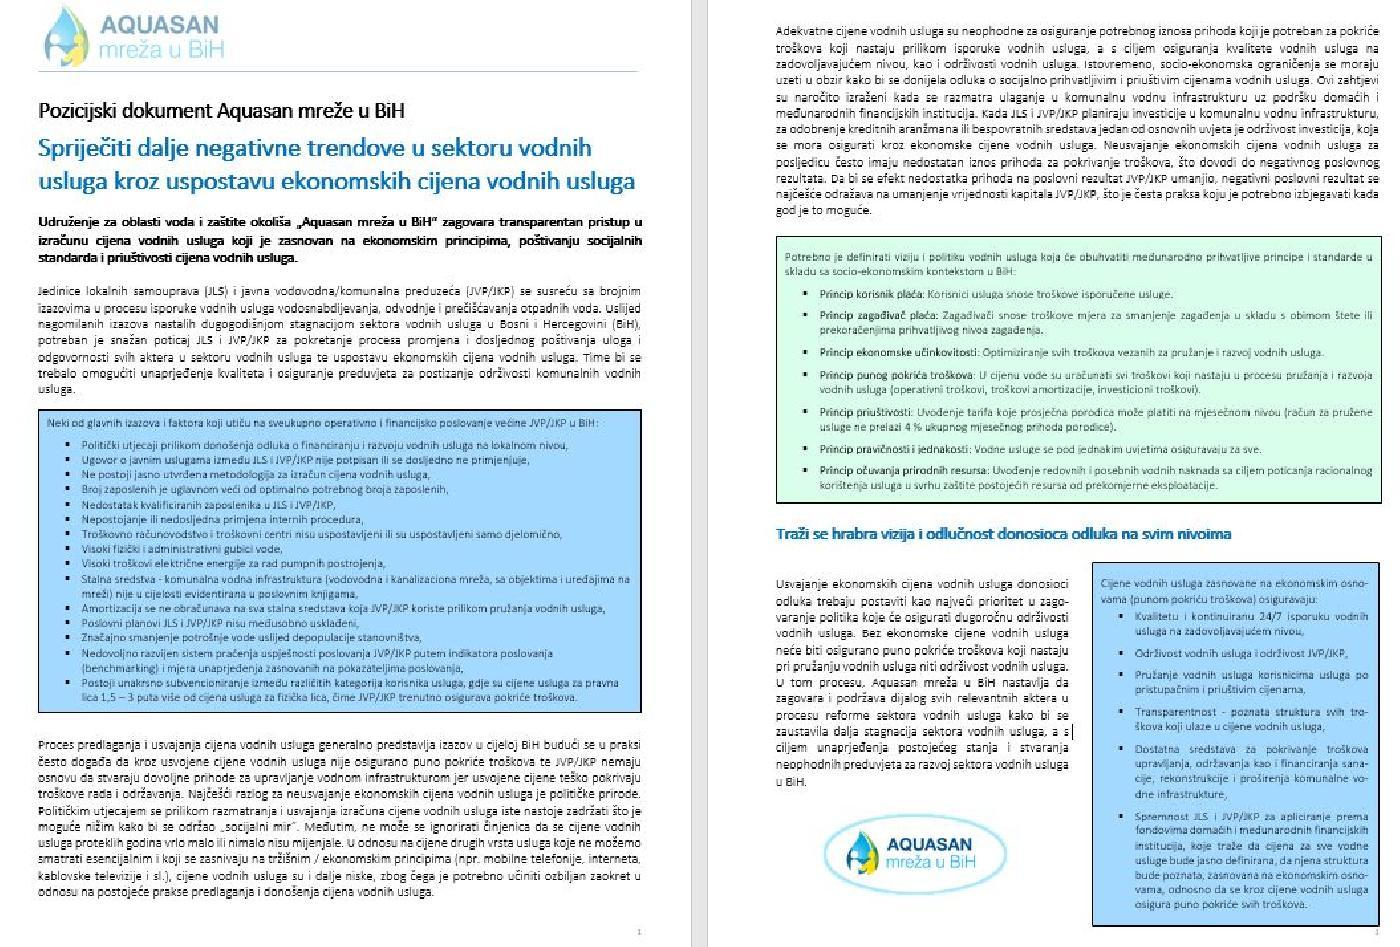 Uspostava ekonomskih cijena vodnih usluga: Pozicijski dokument Aquasan mreže u BiH